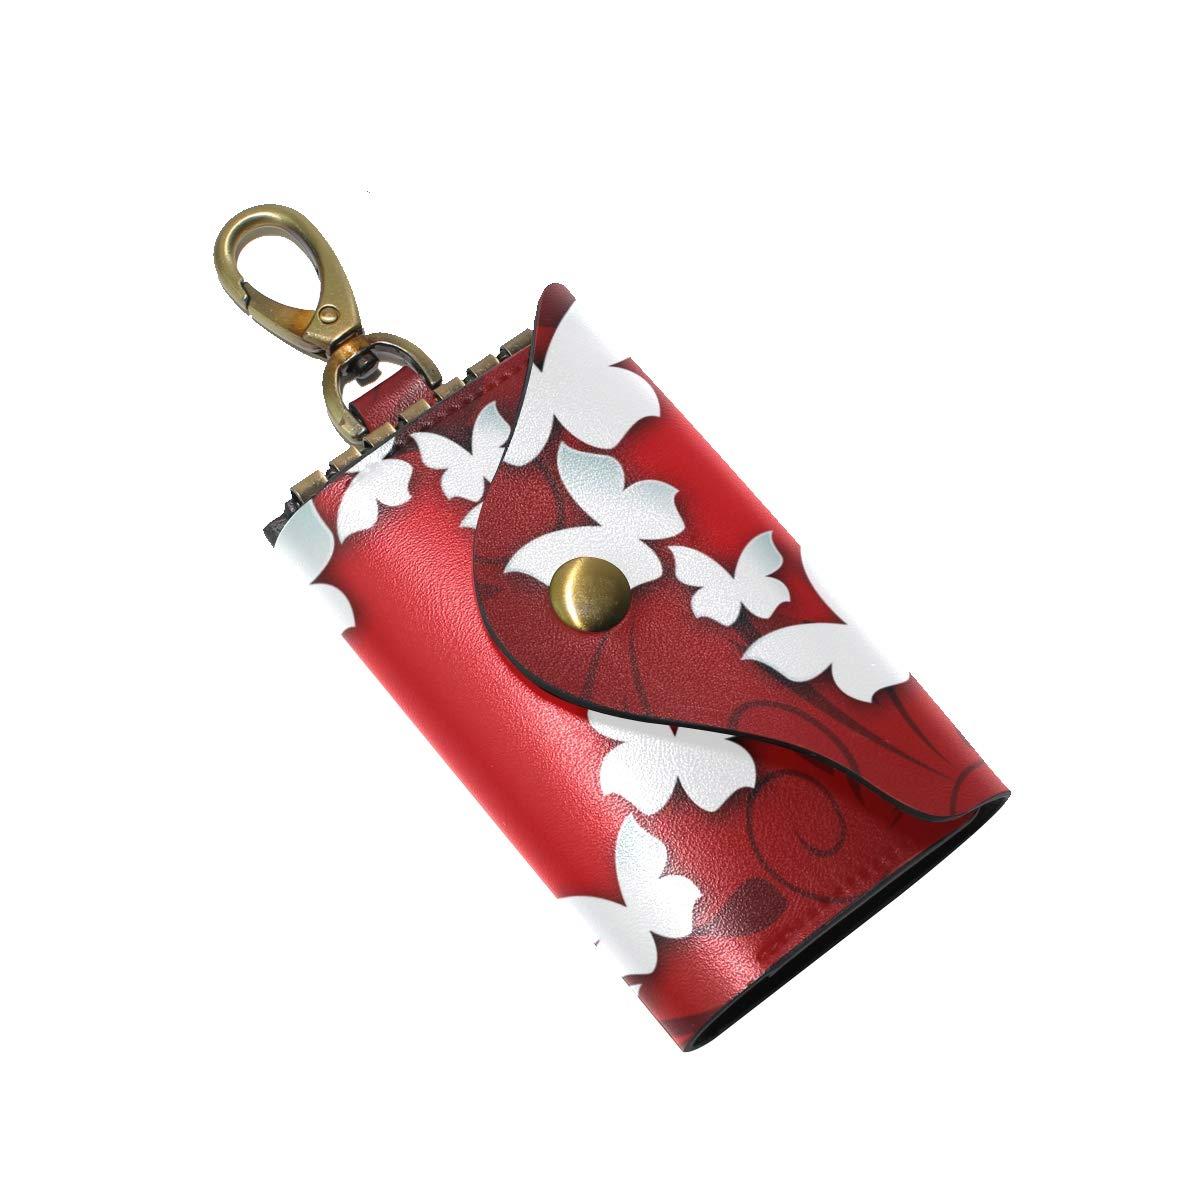 KEAKIA Butterflies Love Hear Leather Key Case Wallets Tri-fold Key Holder Keychains with 6 Hooks 2 Slot Snap Closure for Men Women